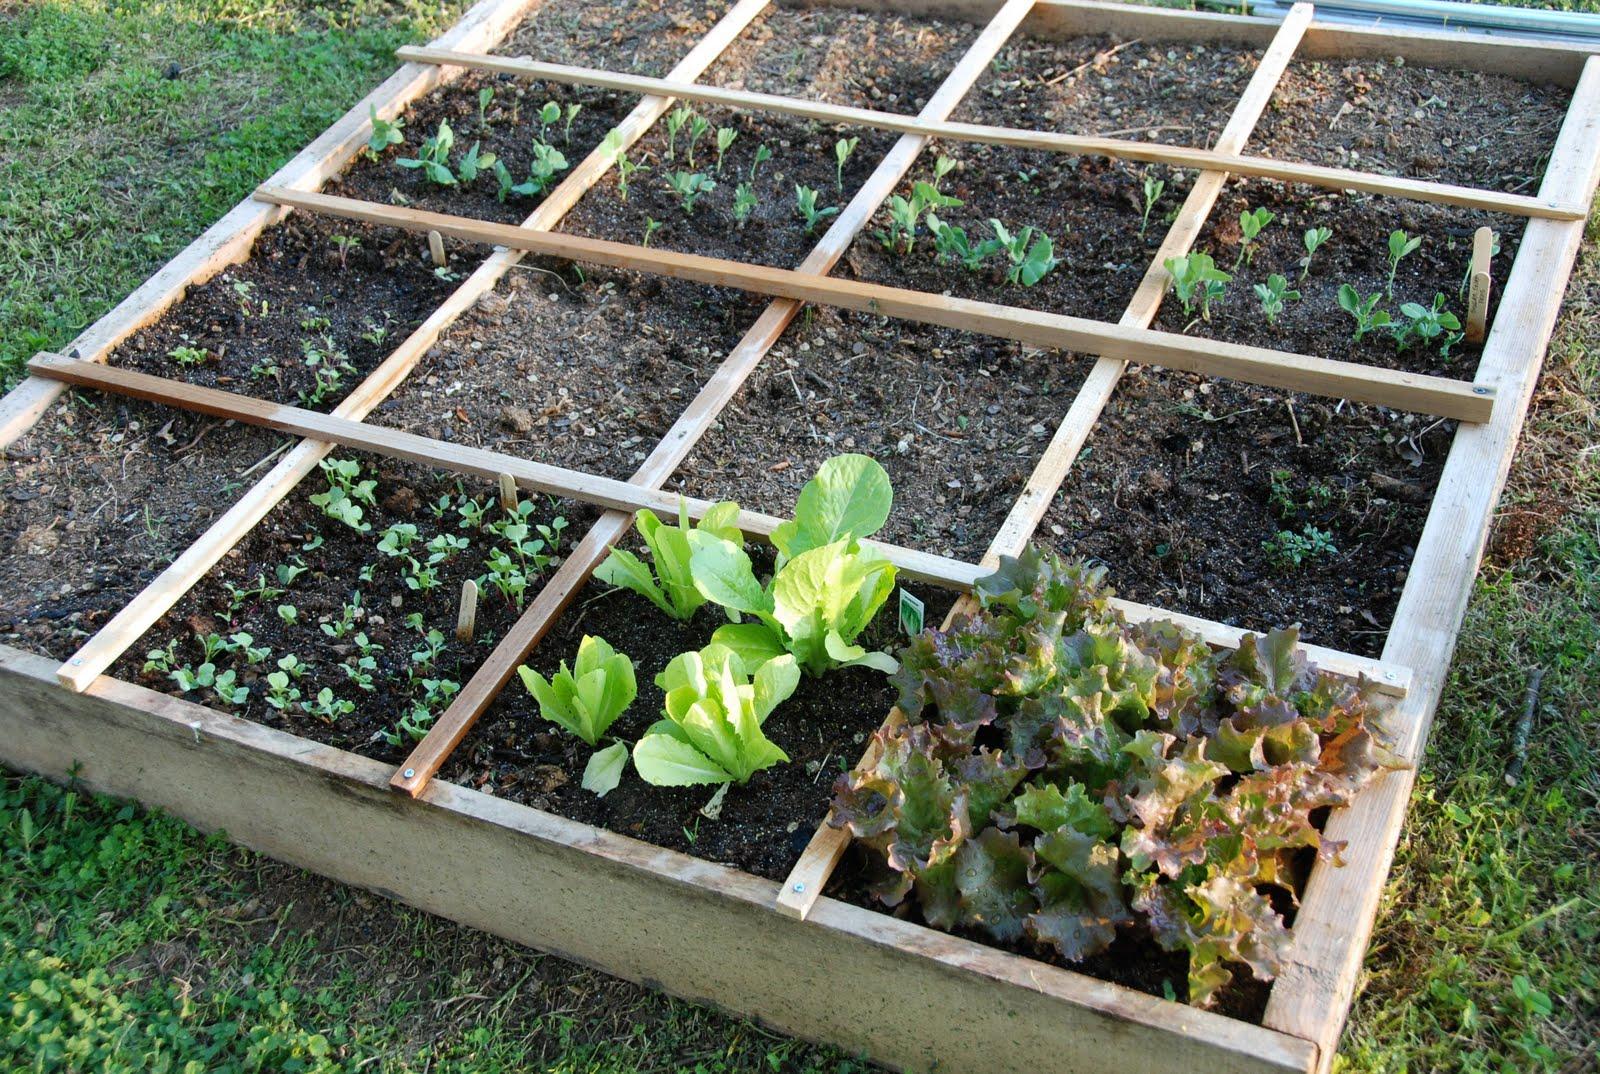 Jardin Ou Potager En Carré4 - Le Blog De Doug dedans Jardin En Carre